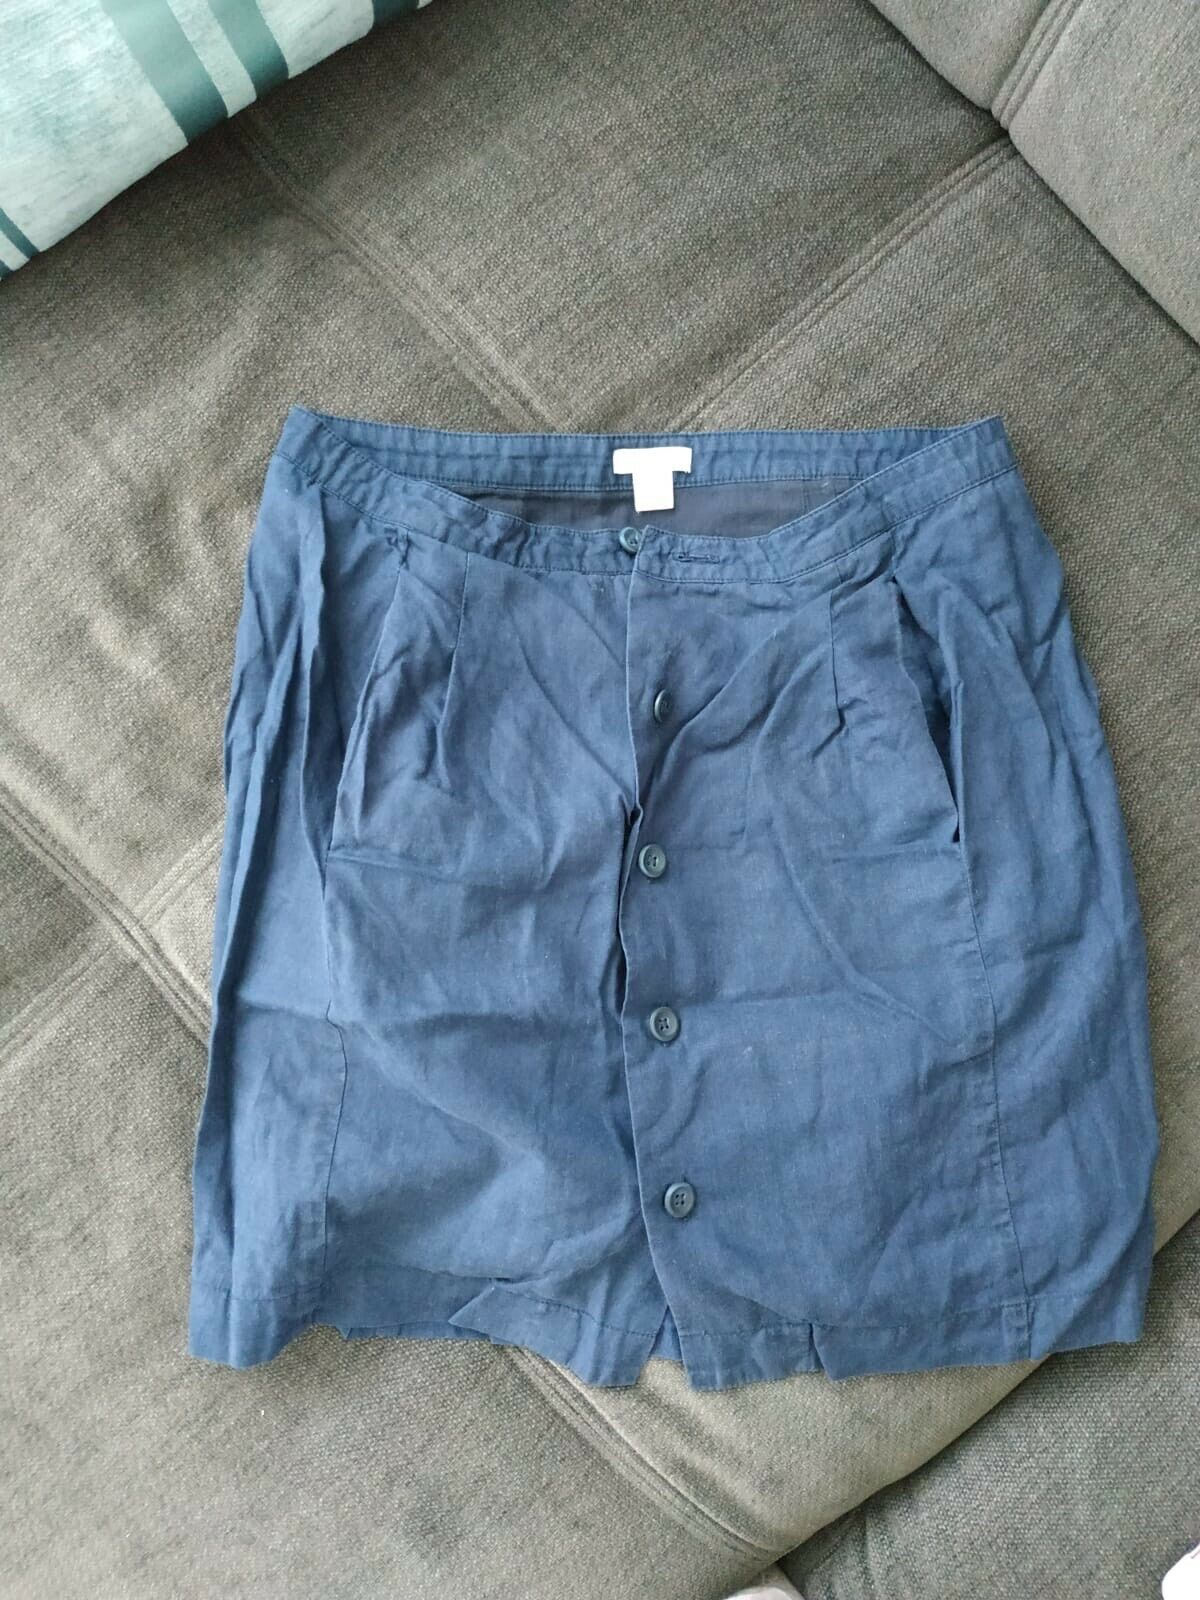 Fossil Womens Skirt Dark Blue Size XS Linen Cotton Buttons Corina Skirt Navy